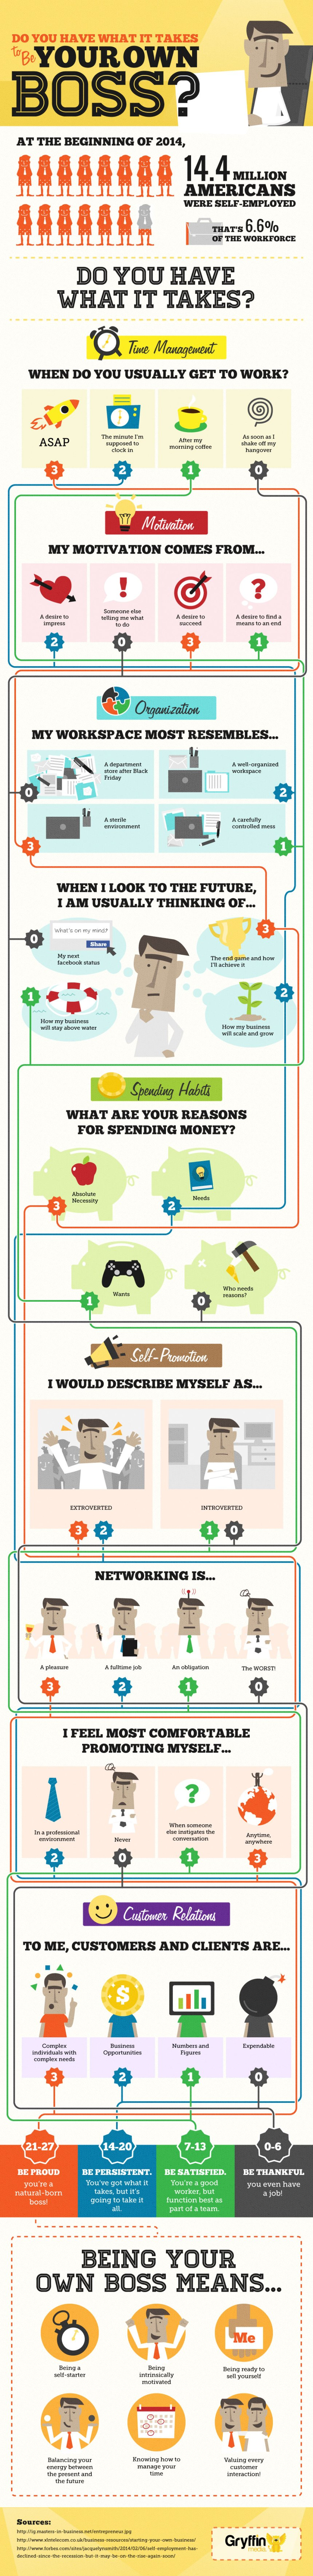 ¿Tienes lo que hace falta para ser tu propio jefe?